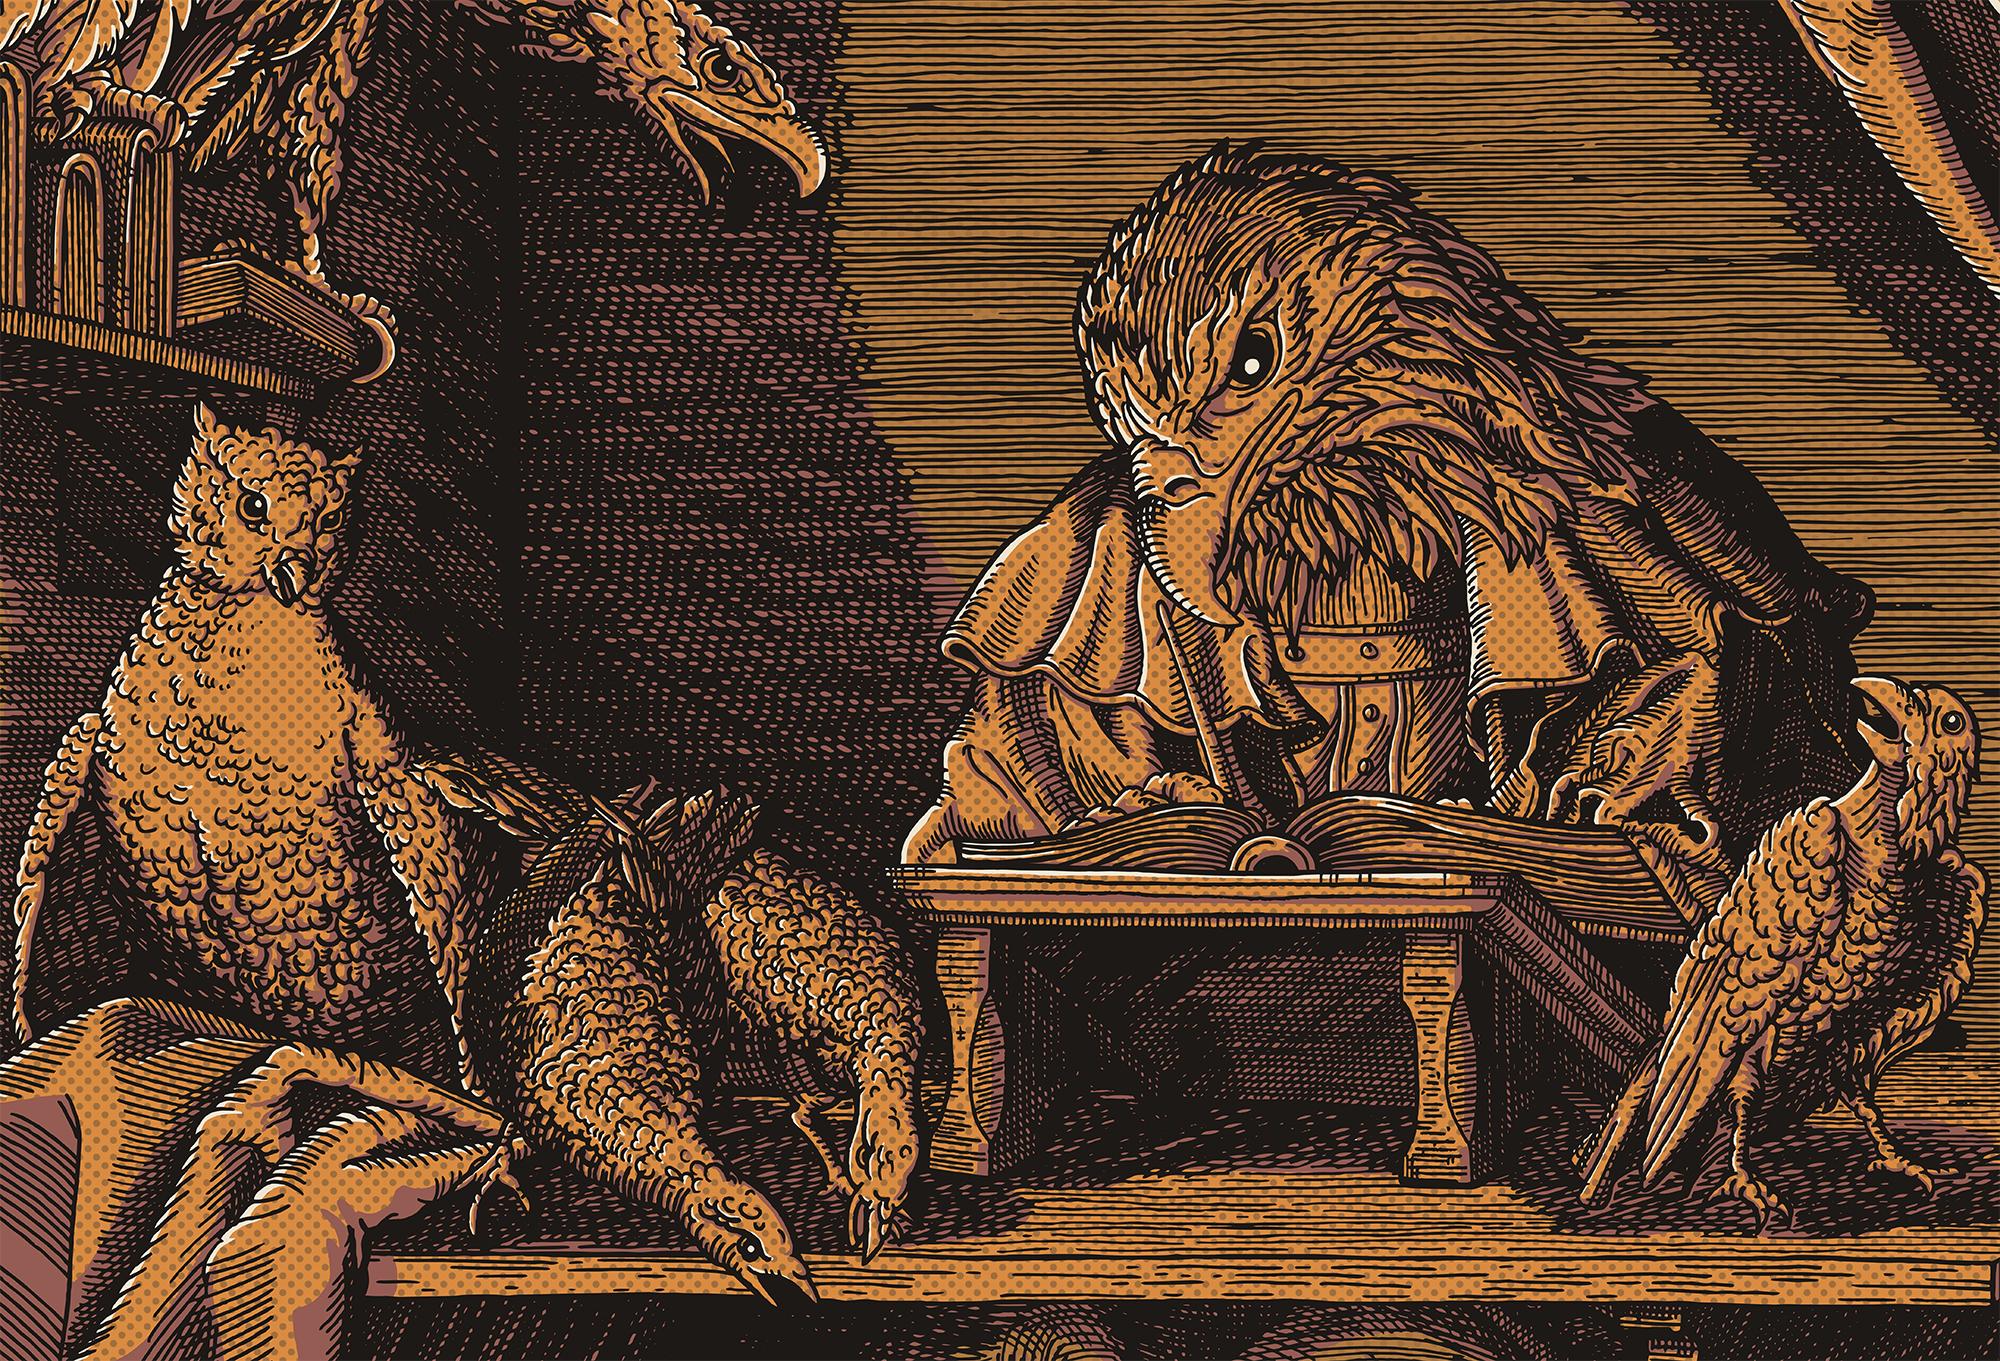 BirdmanCrop2.jpg